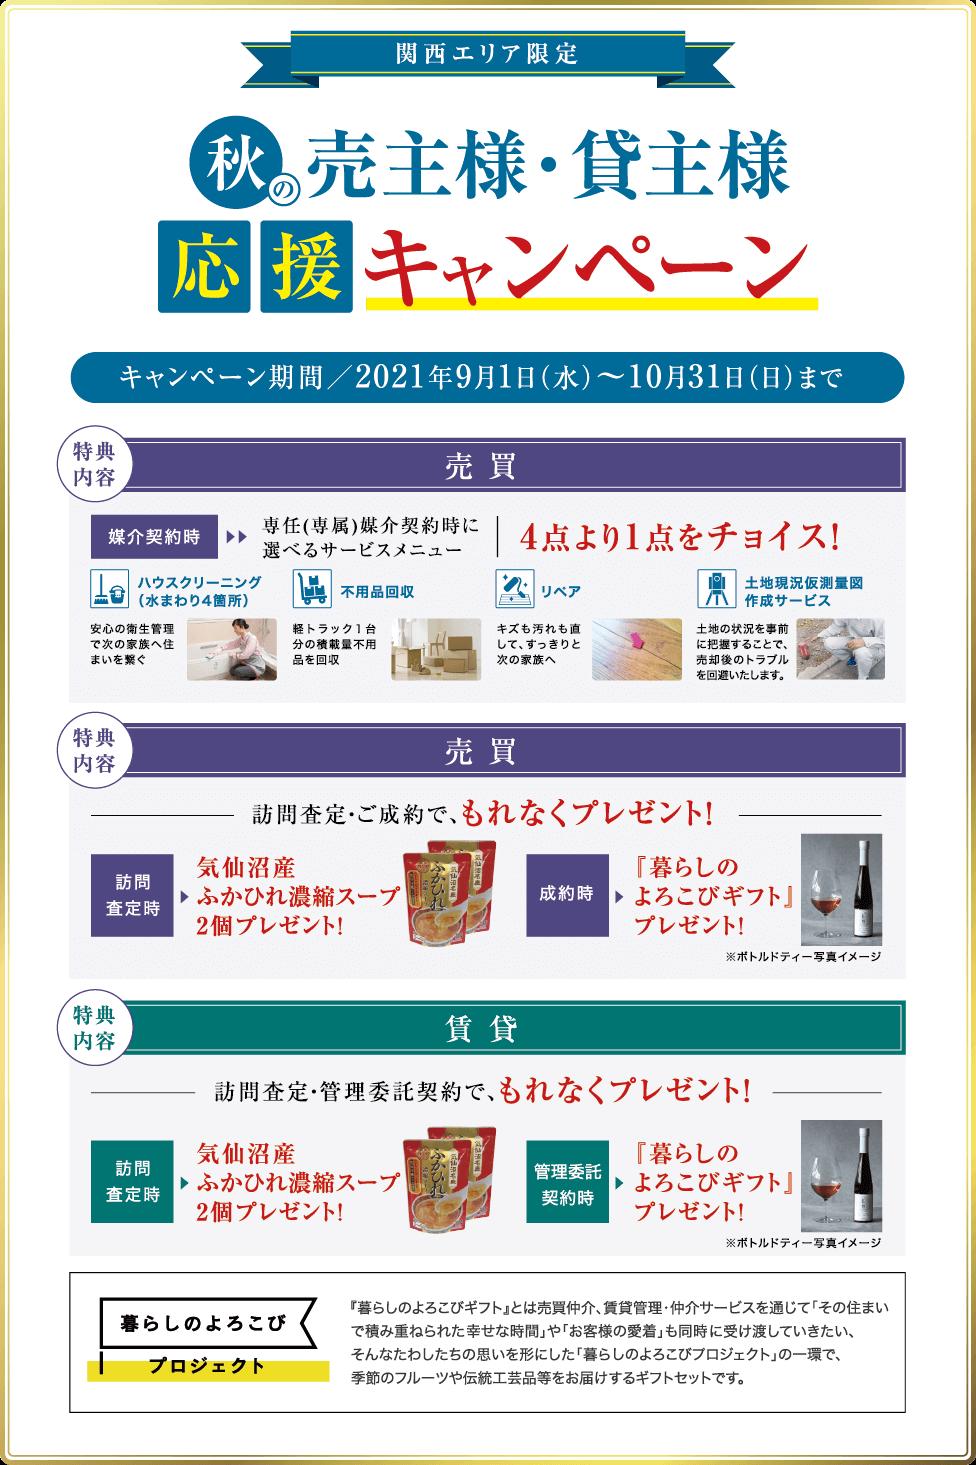 関西エリア限定 秋の売主様・貸主様応援キャンペーン2021年9月1日~10月31日